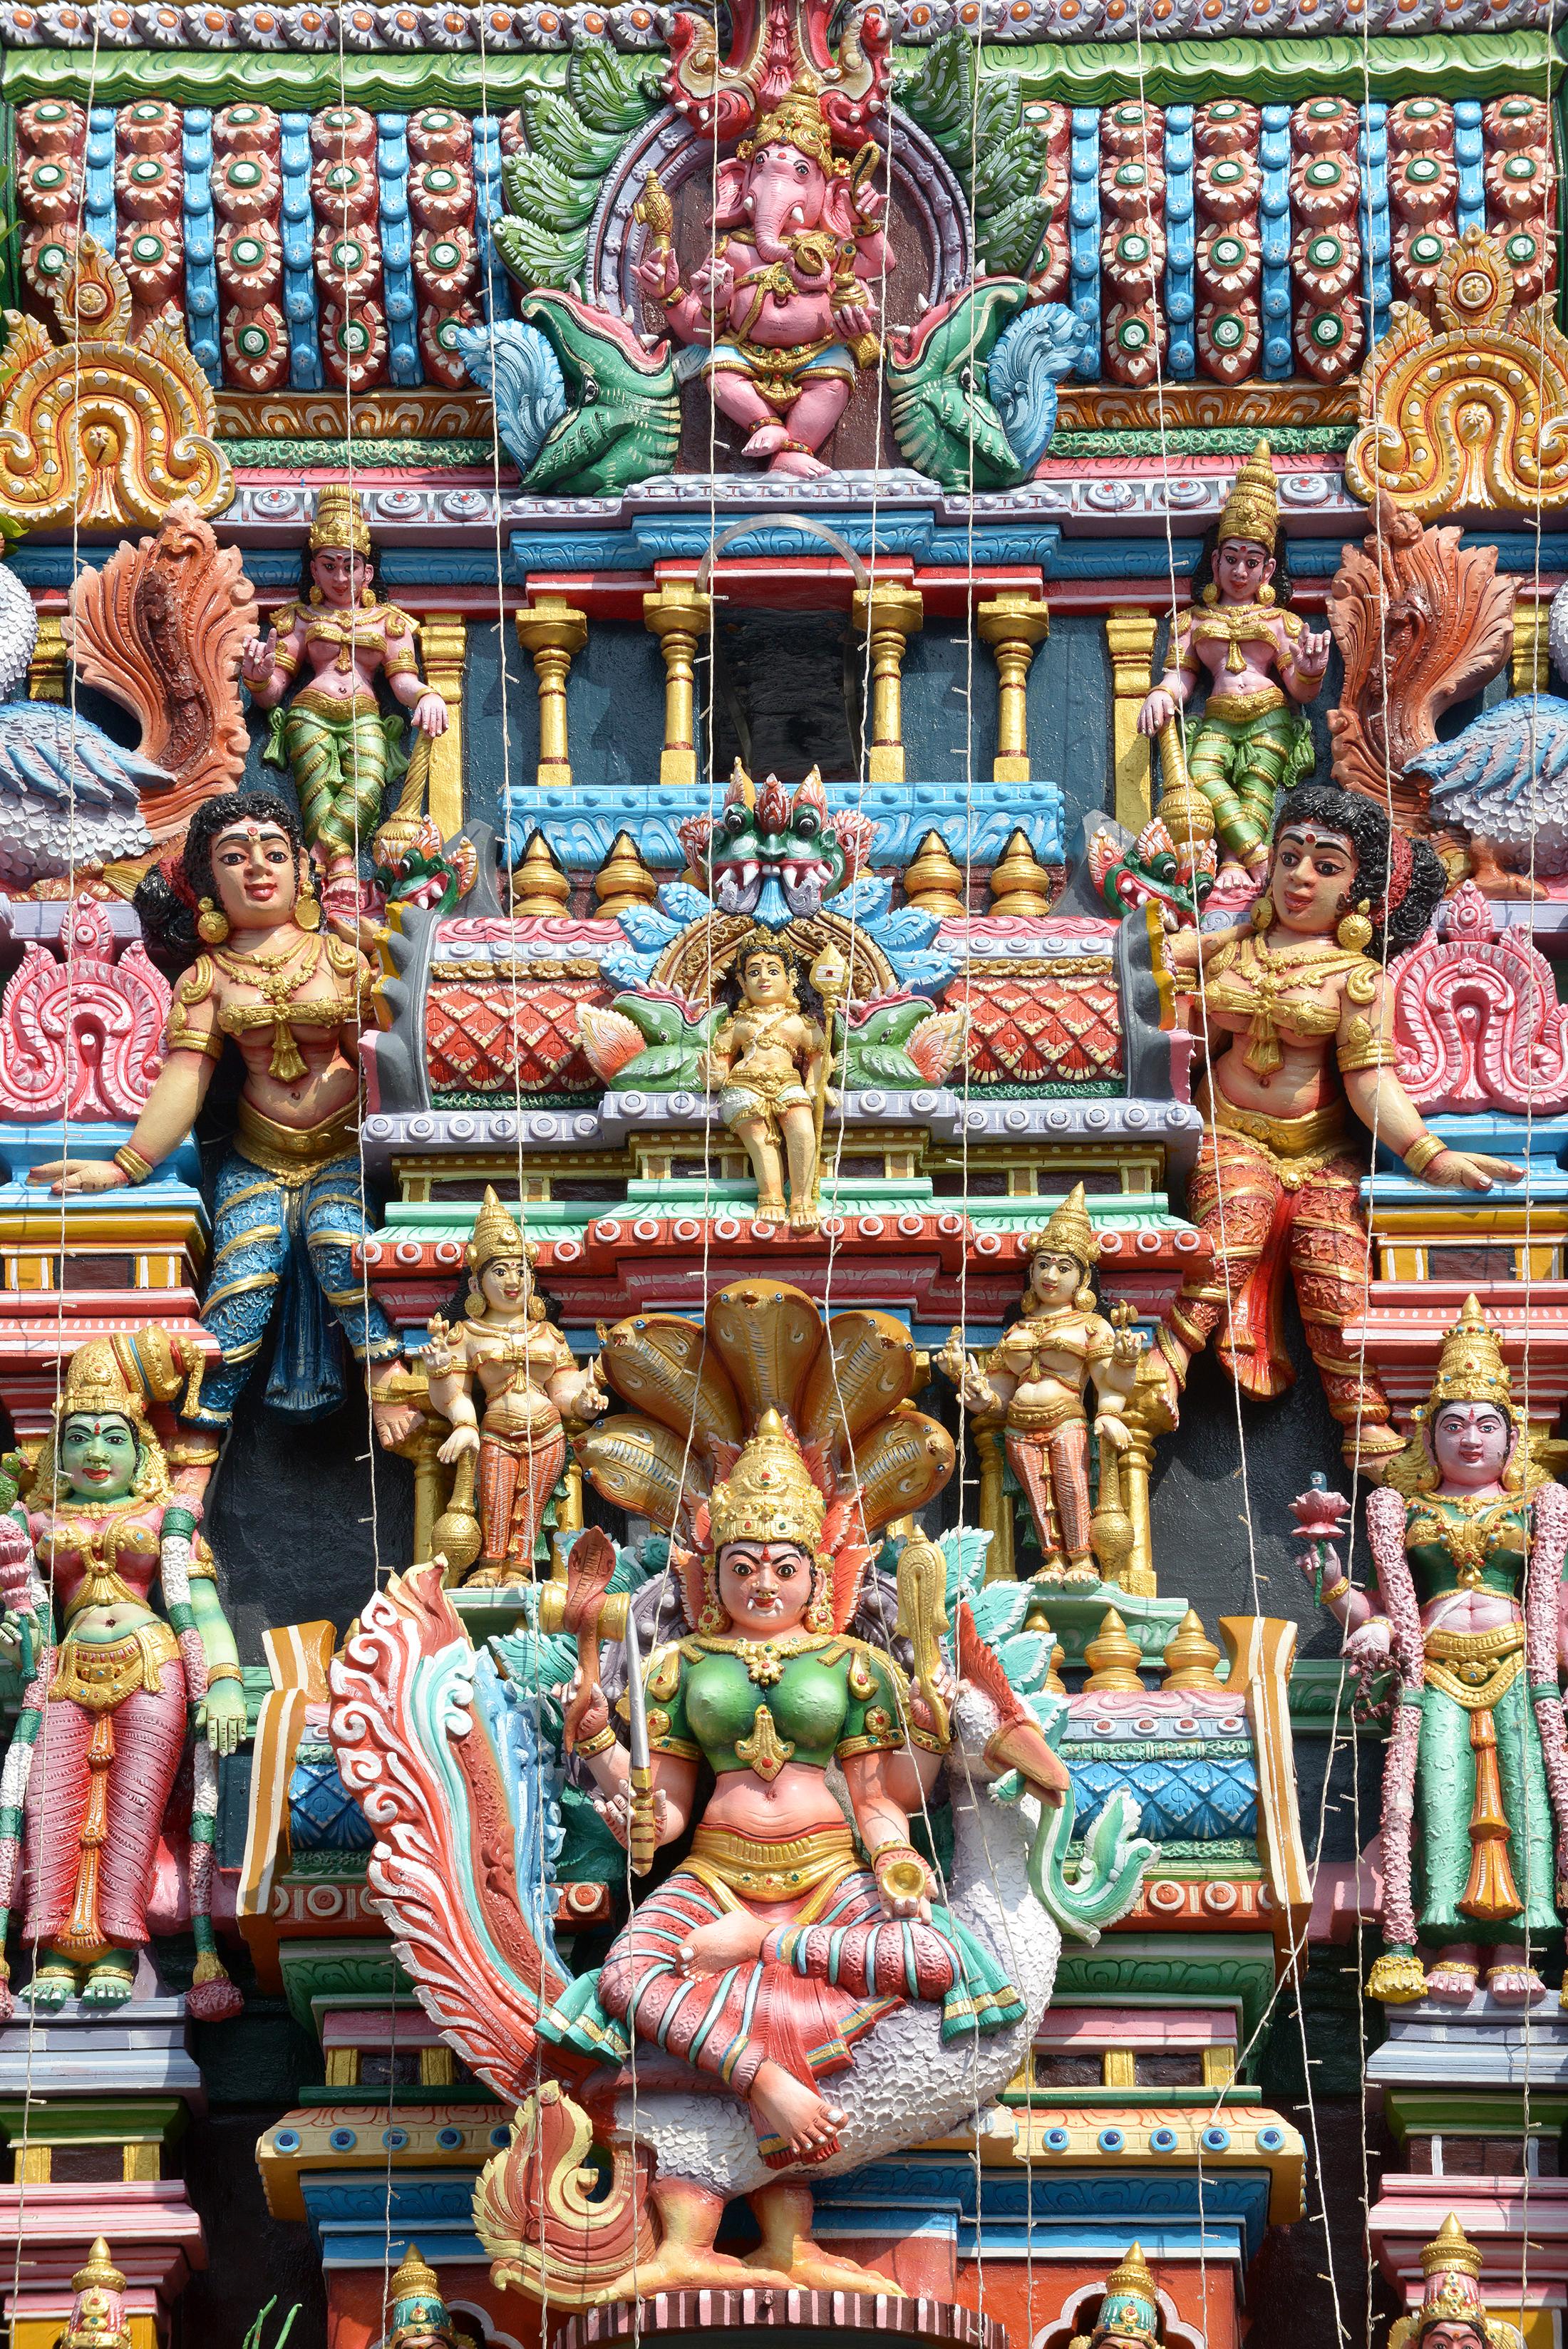 Intia, temppeli